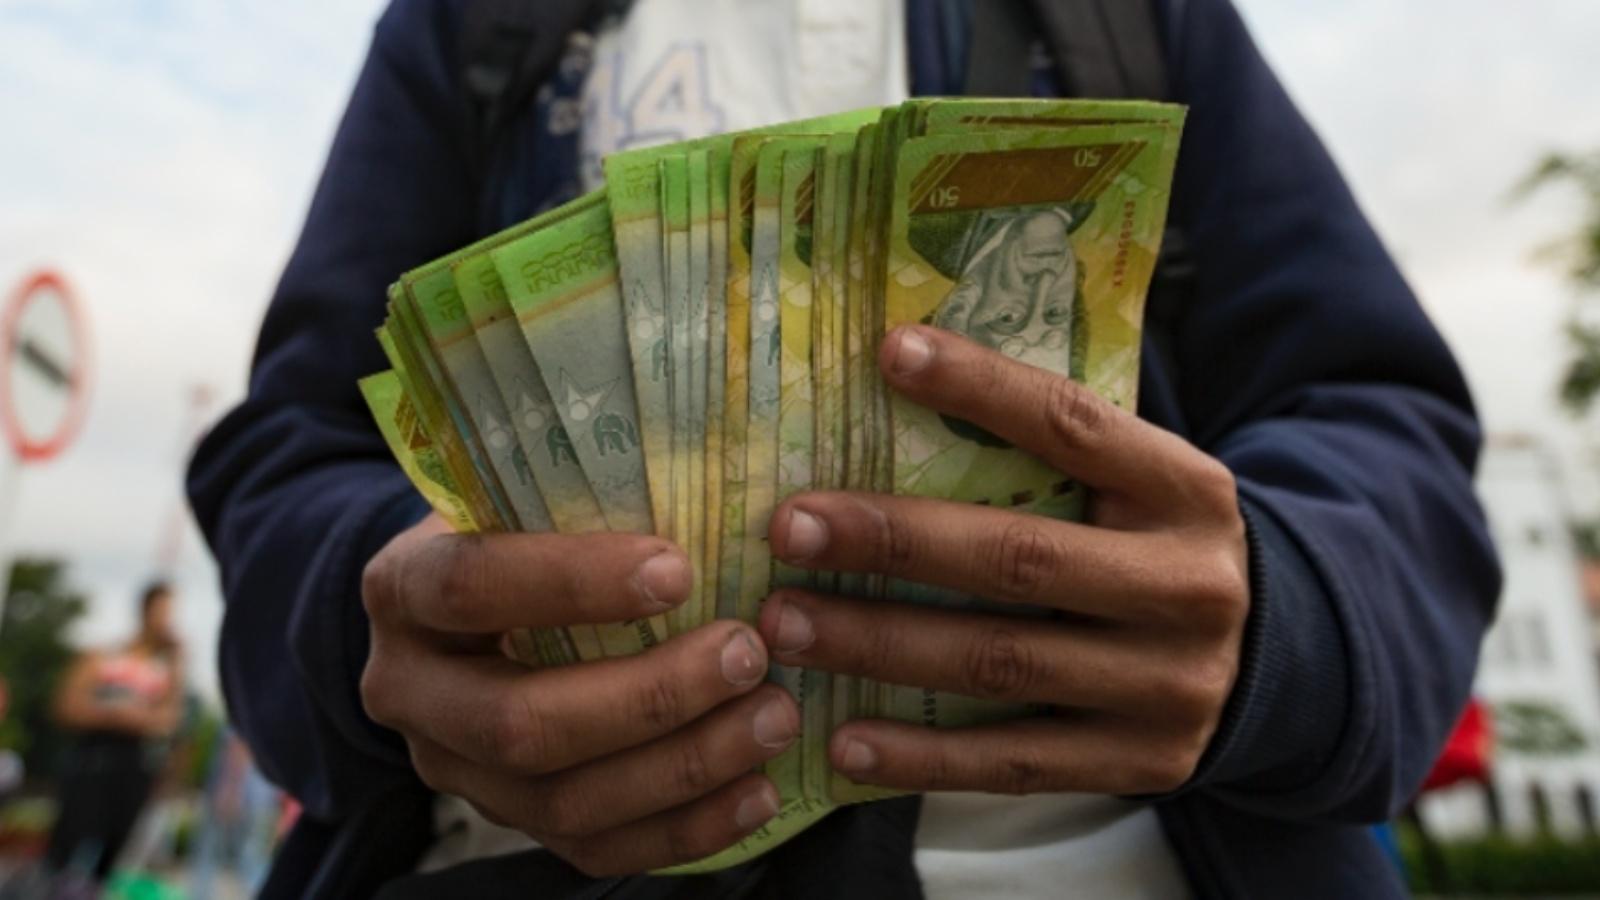 Salario mínimo en Venezuela subió a 15 dólares tras aumento de 361 por ciento